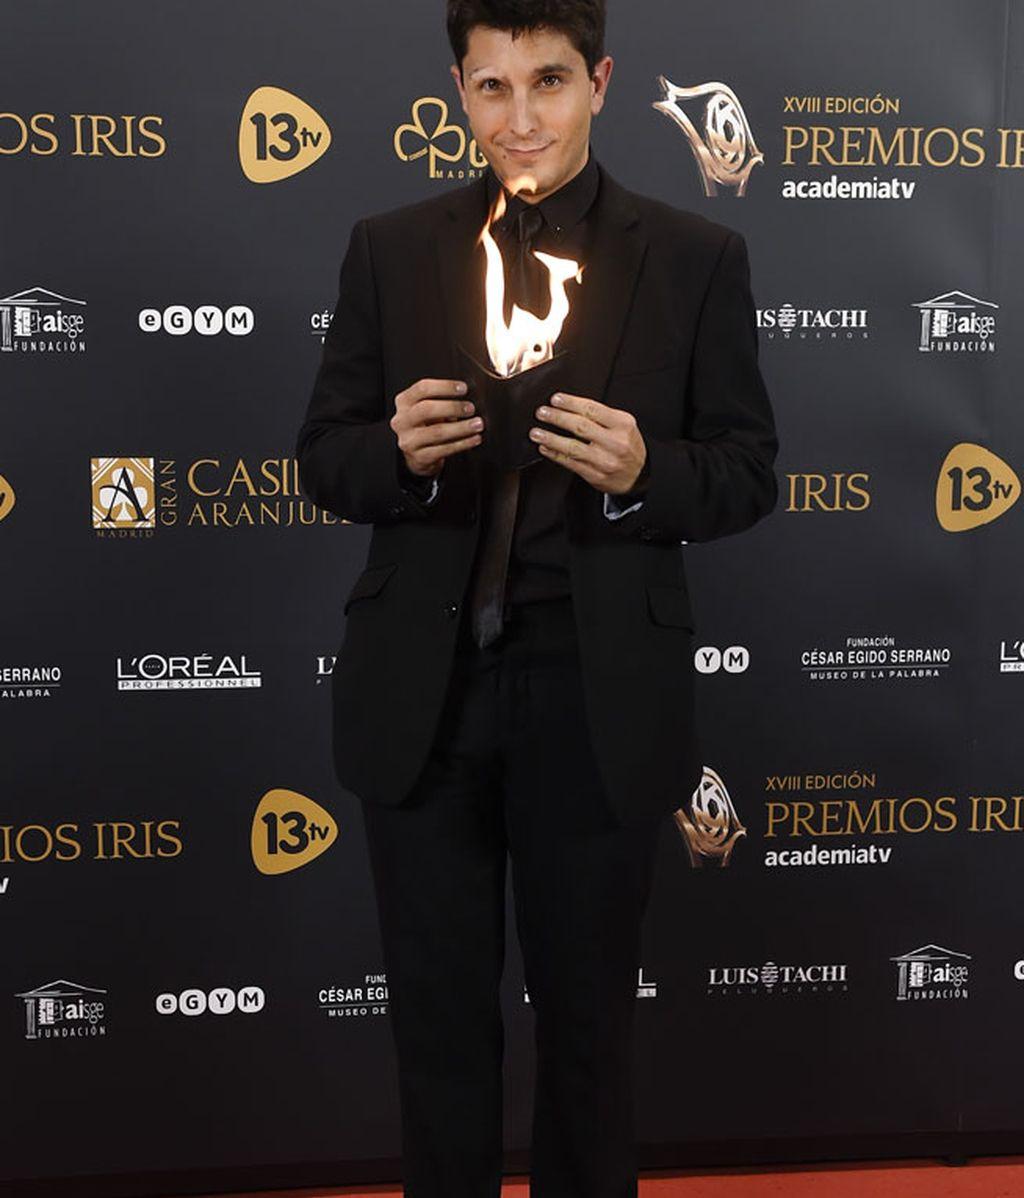 Jorge Luengo con un 'total look' negro, brilló con fuego propio en su cartera